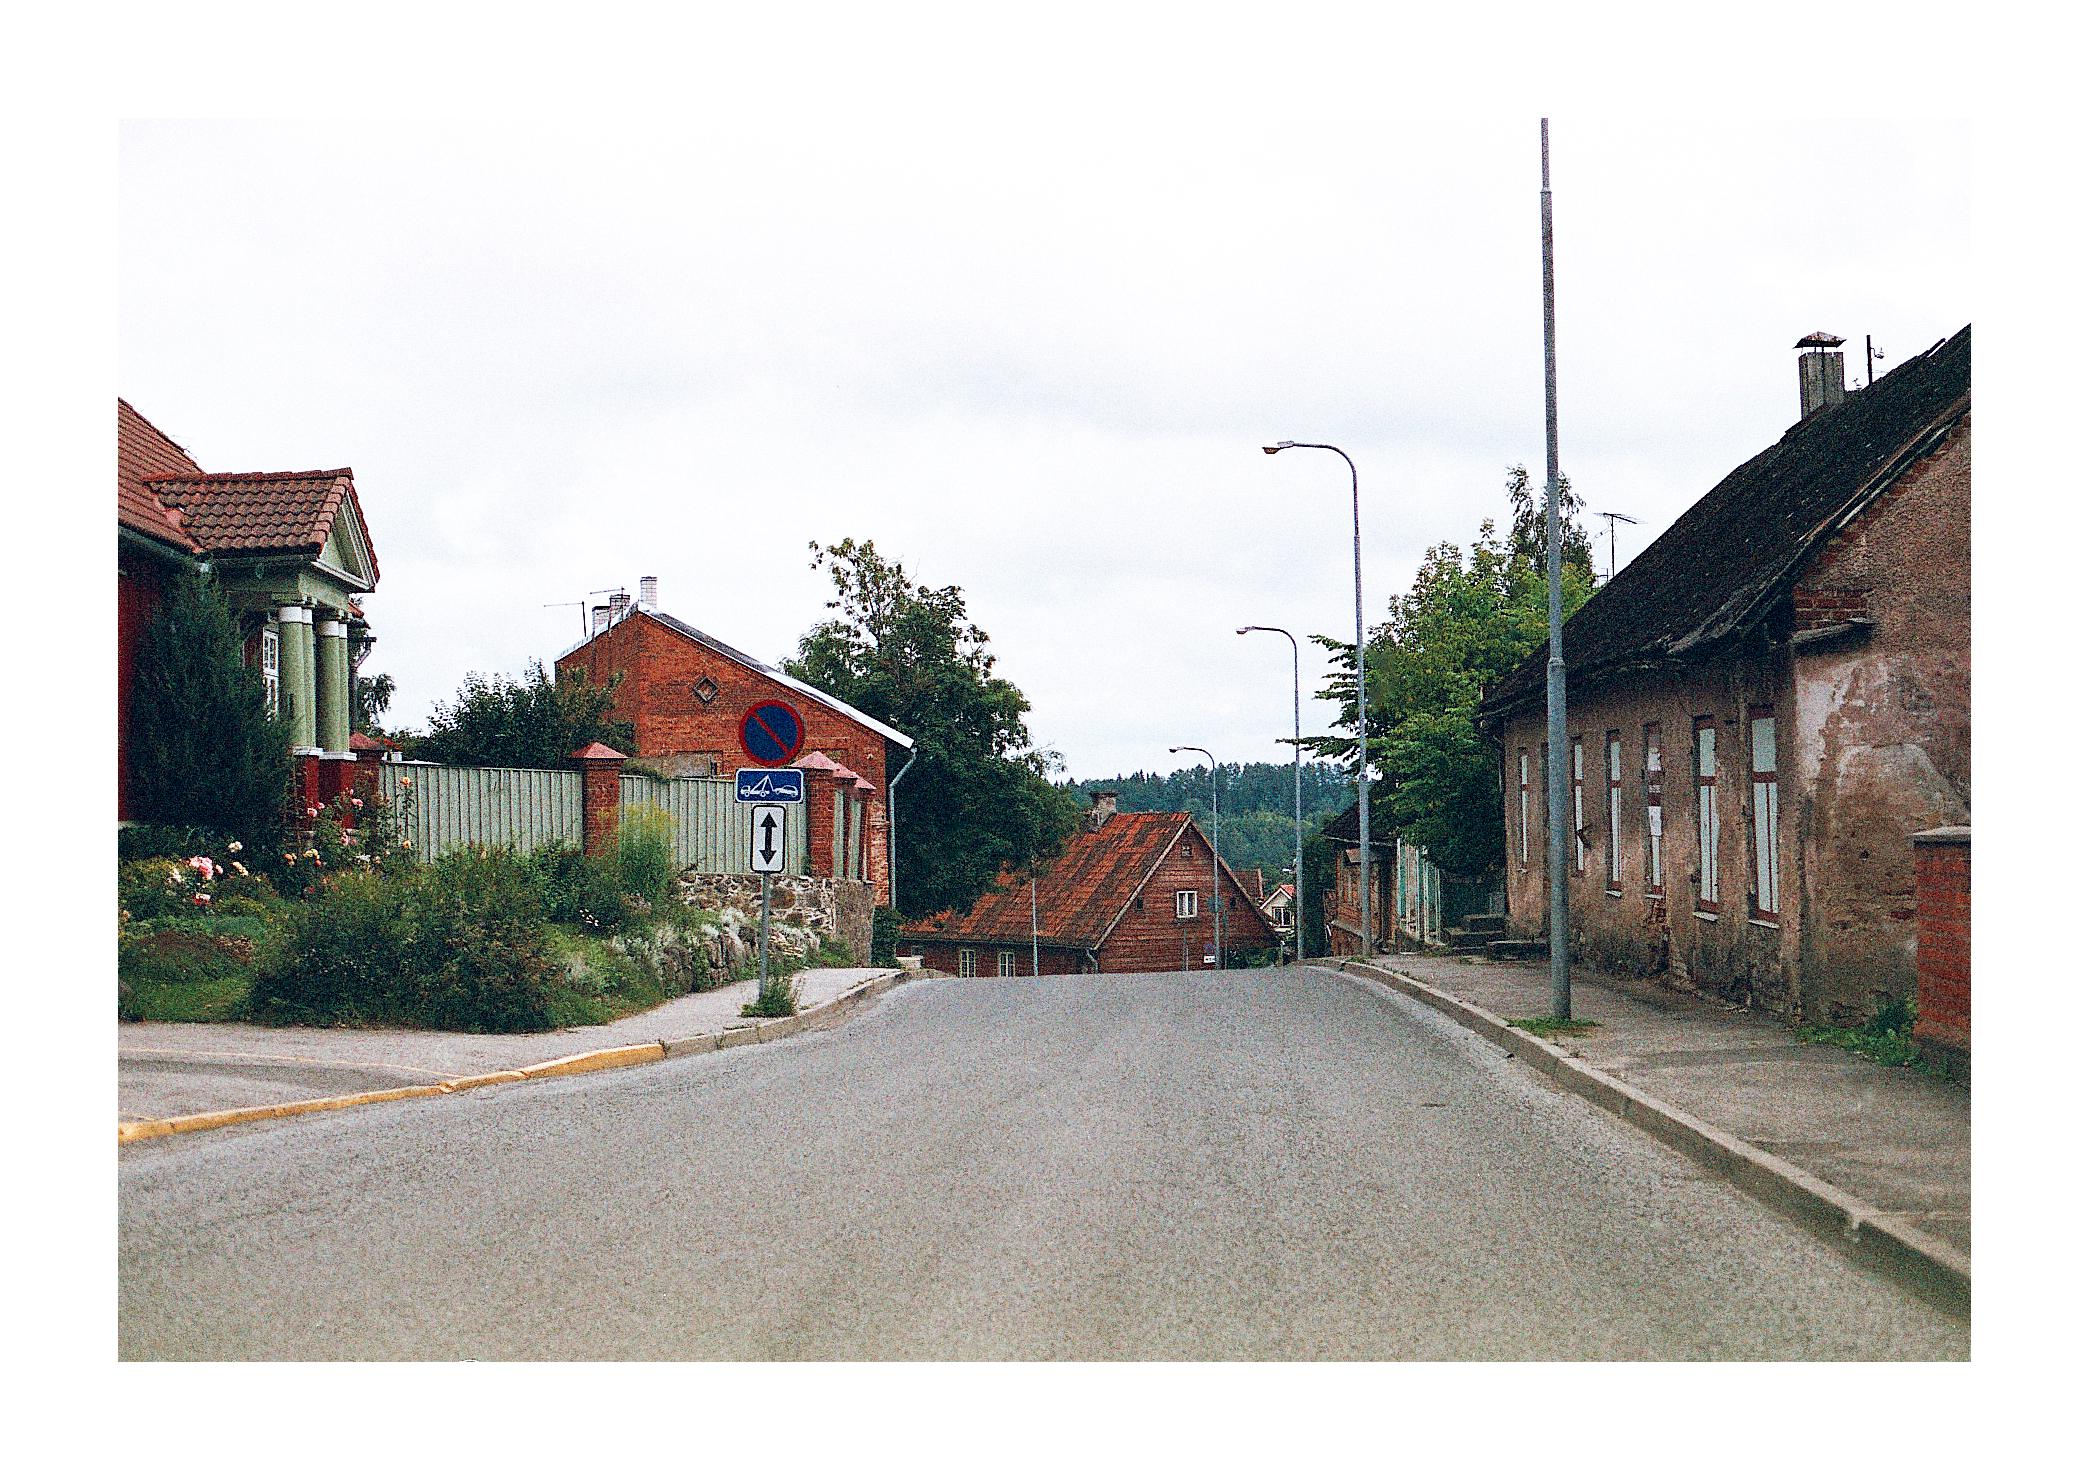 Viljandi, 2017